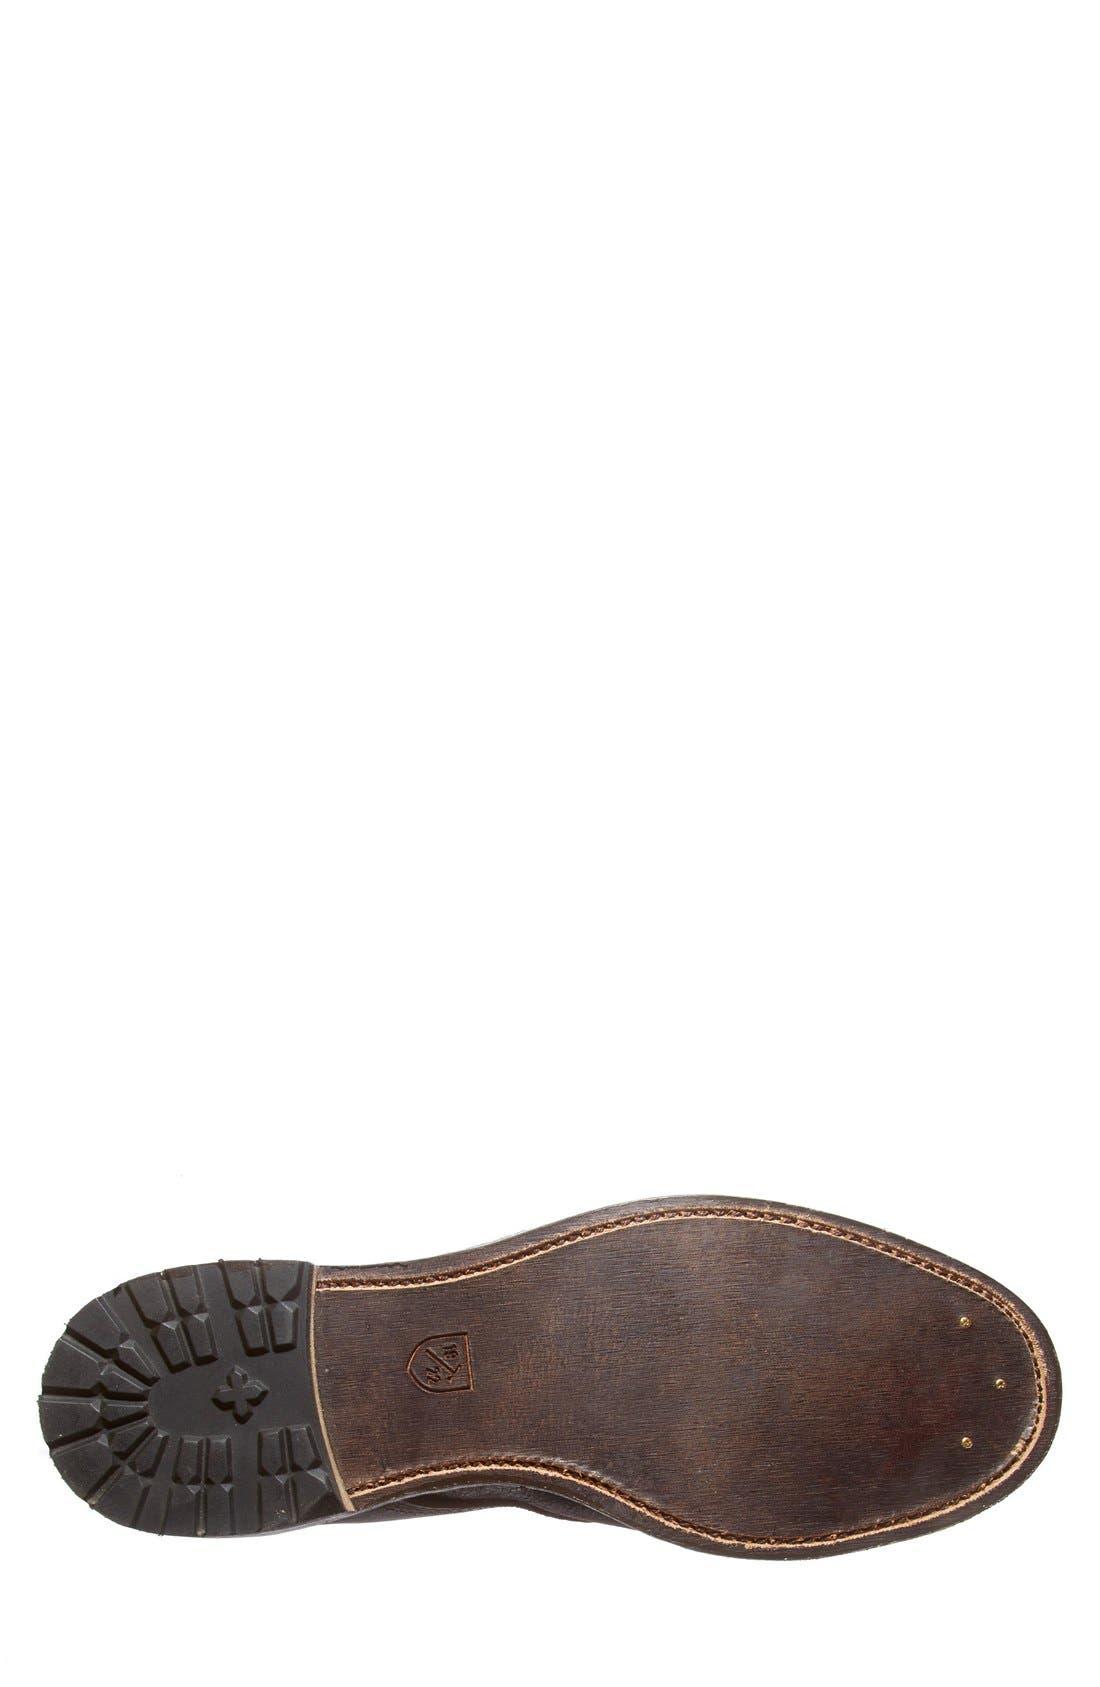 Alternate Image 4  - Allen Edmonds 'Normandy' Cap Toe Boot (Men)